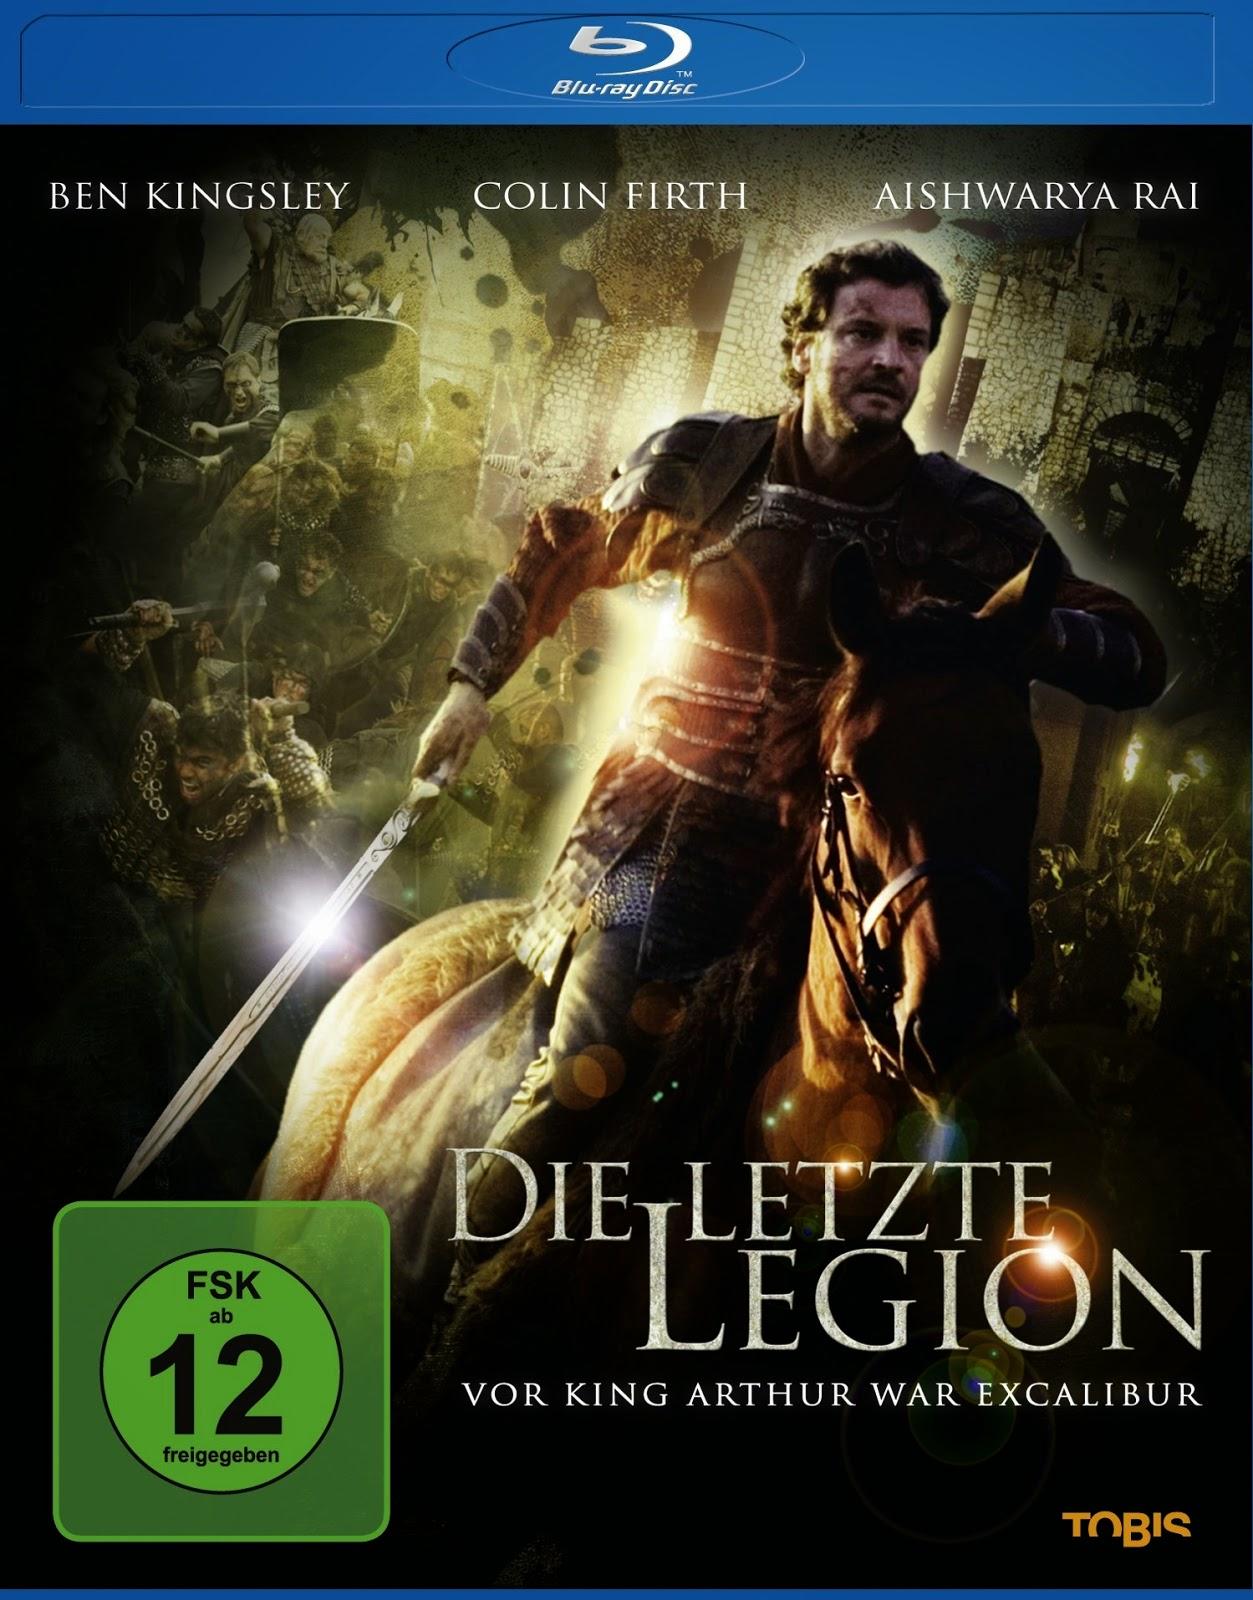 The Last Legion ตำนานดาบคิงอาเธอร์ [HD][พากย์ไทย]